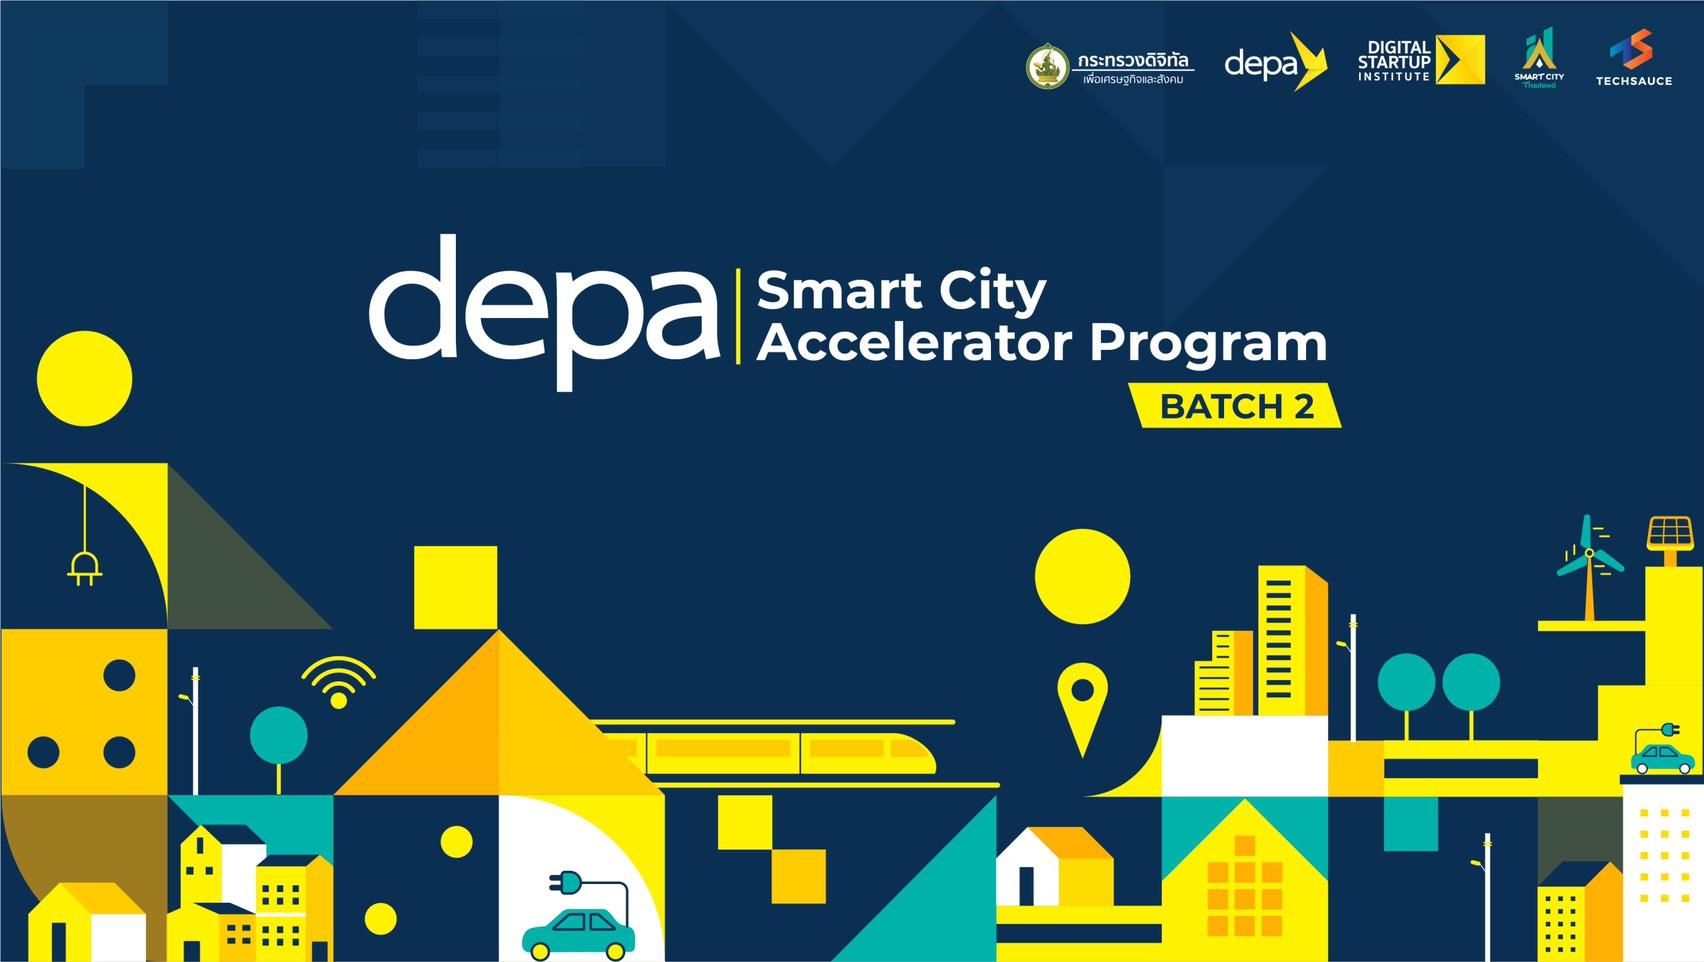 DEPA depa Smart City Accelerator Program